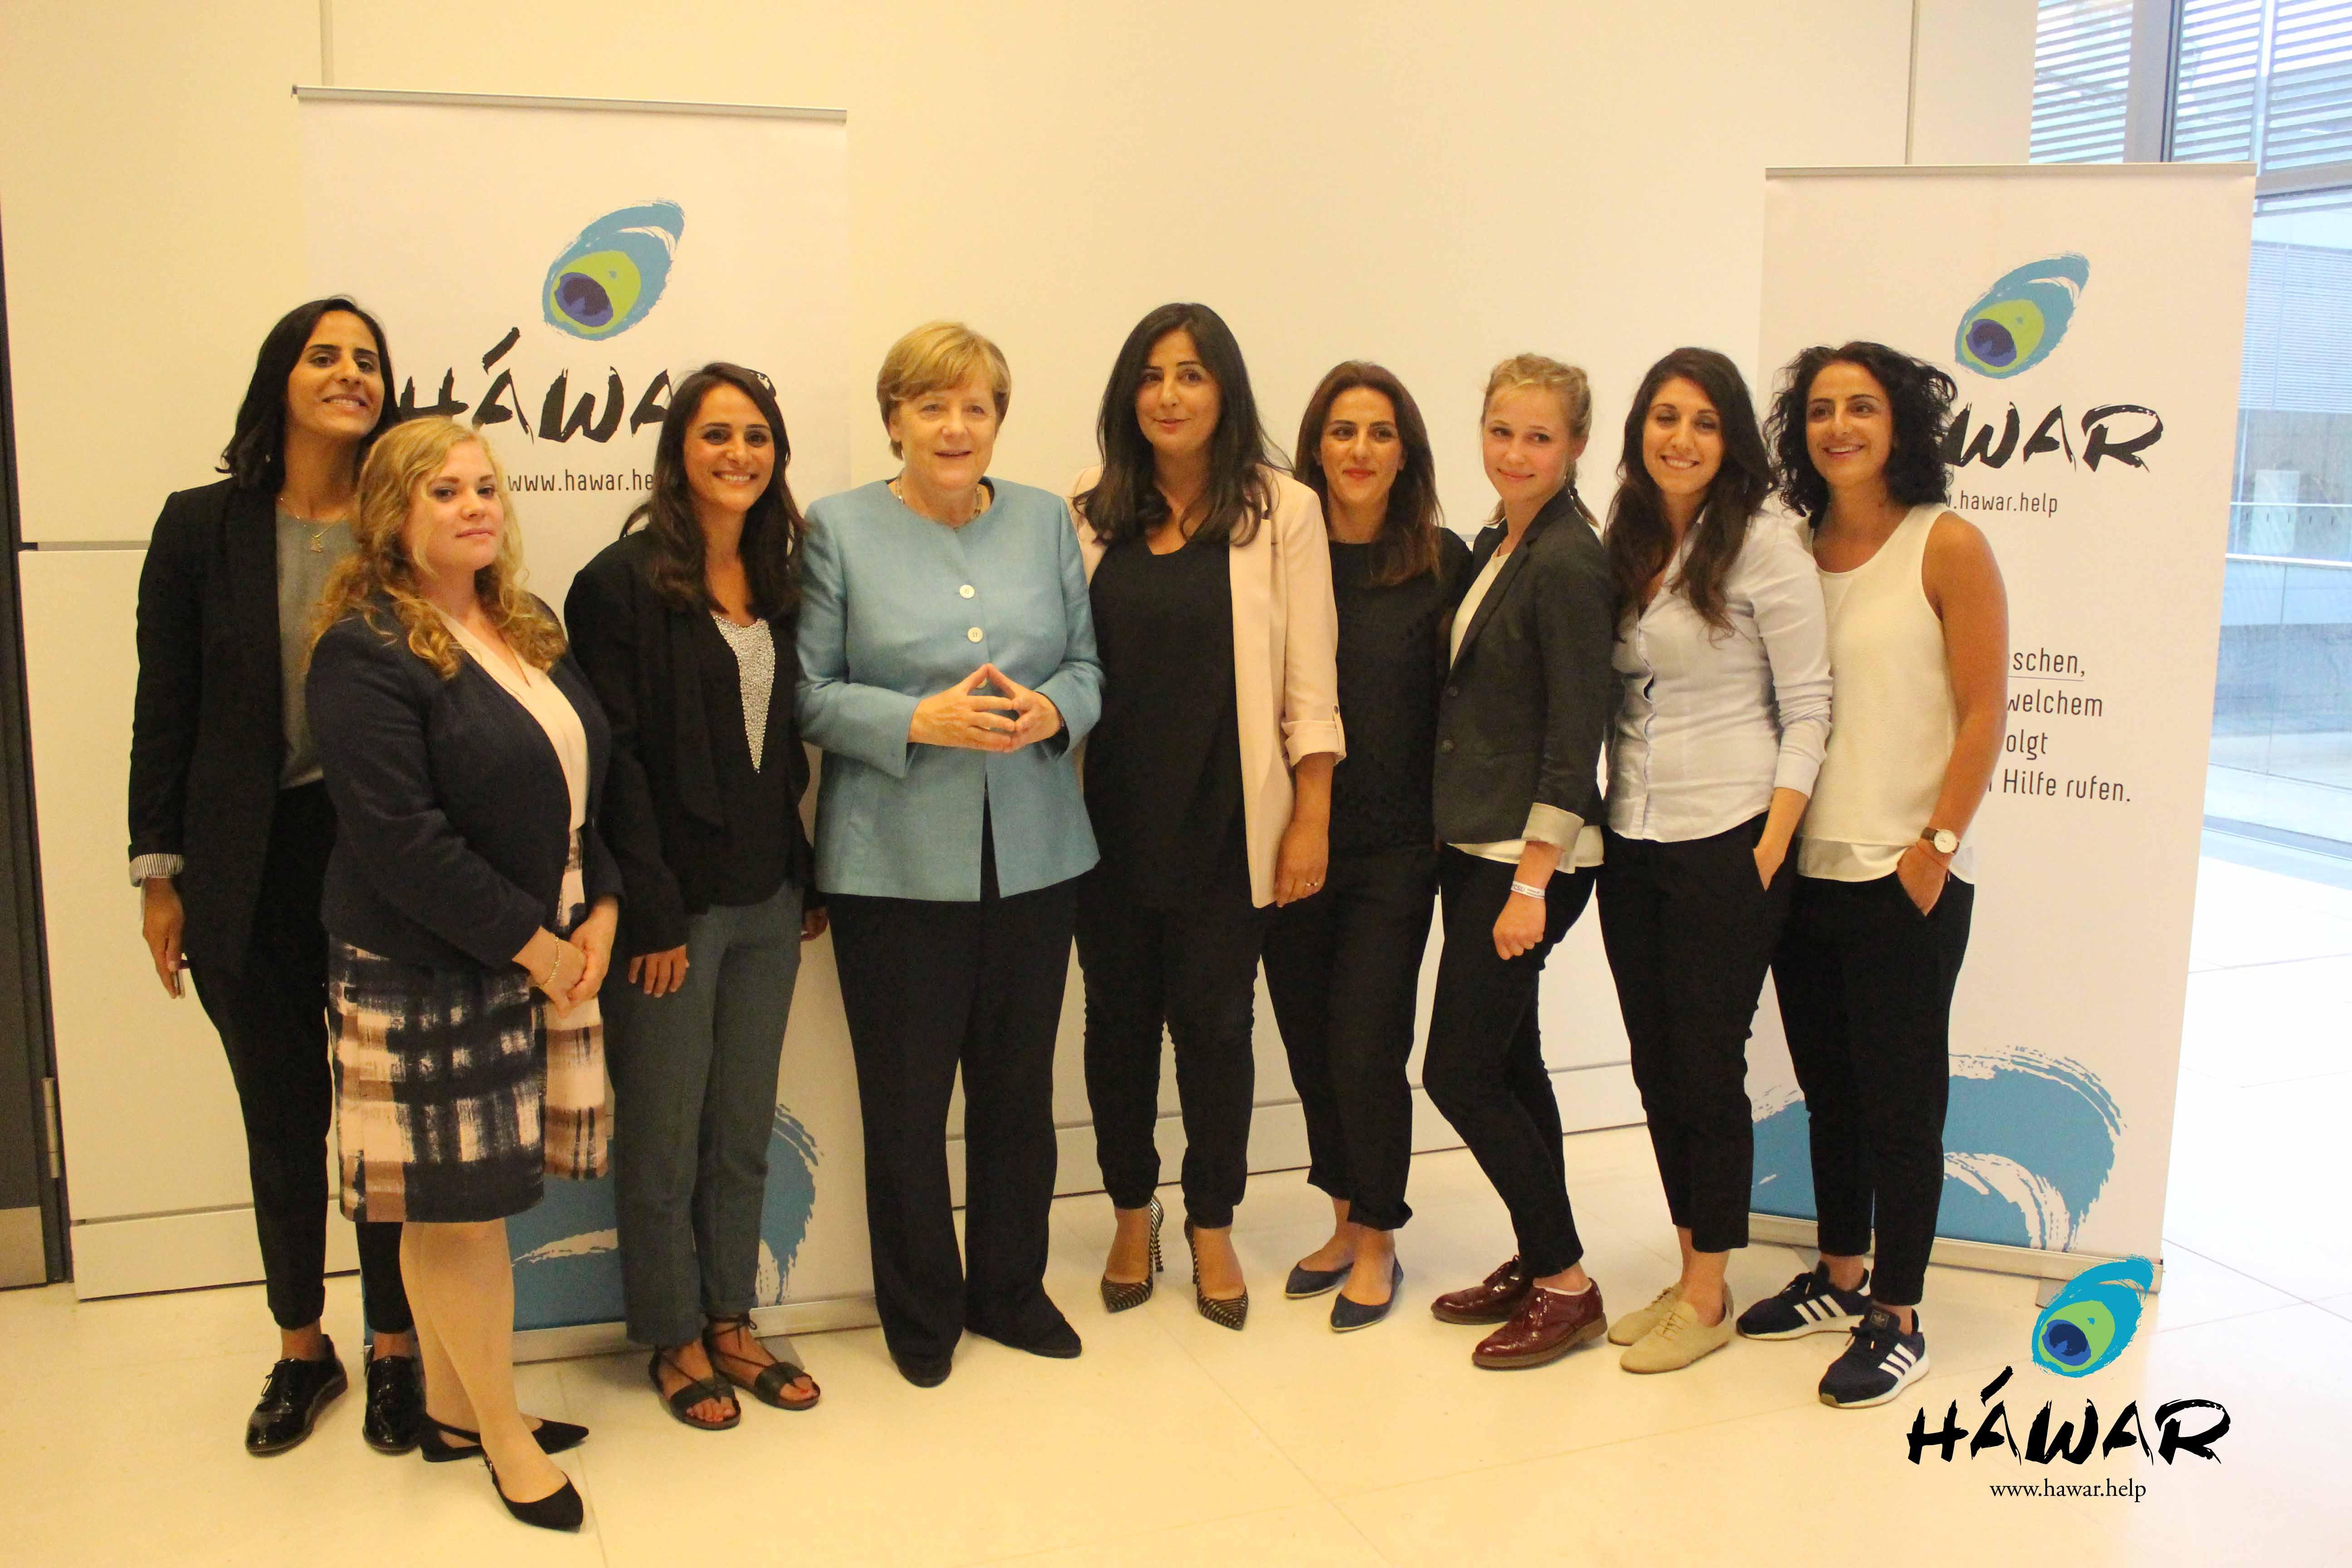 Bundeskanzlerin Dr. Angela Merkel gemeinsam mit der Menschenrechtsorganisation HAWAR.help e.V.